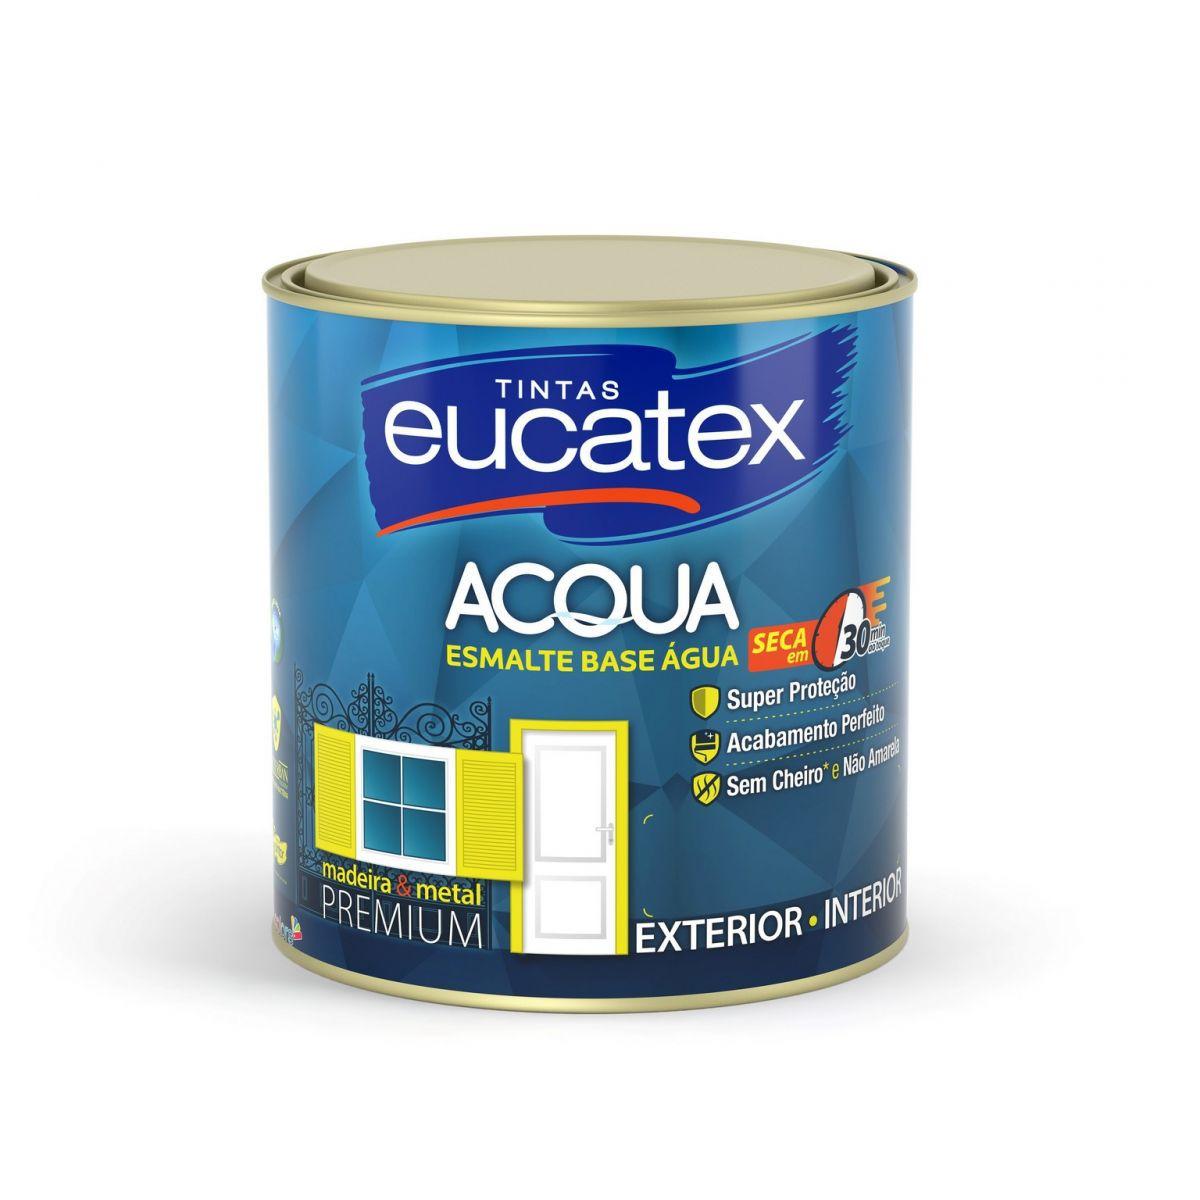 Eucatex Esmalte Acetinado Acqua 900ml